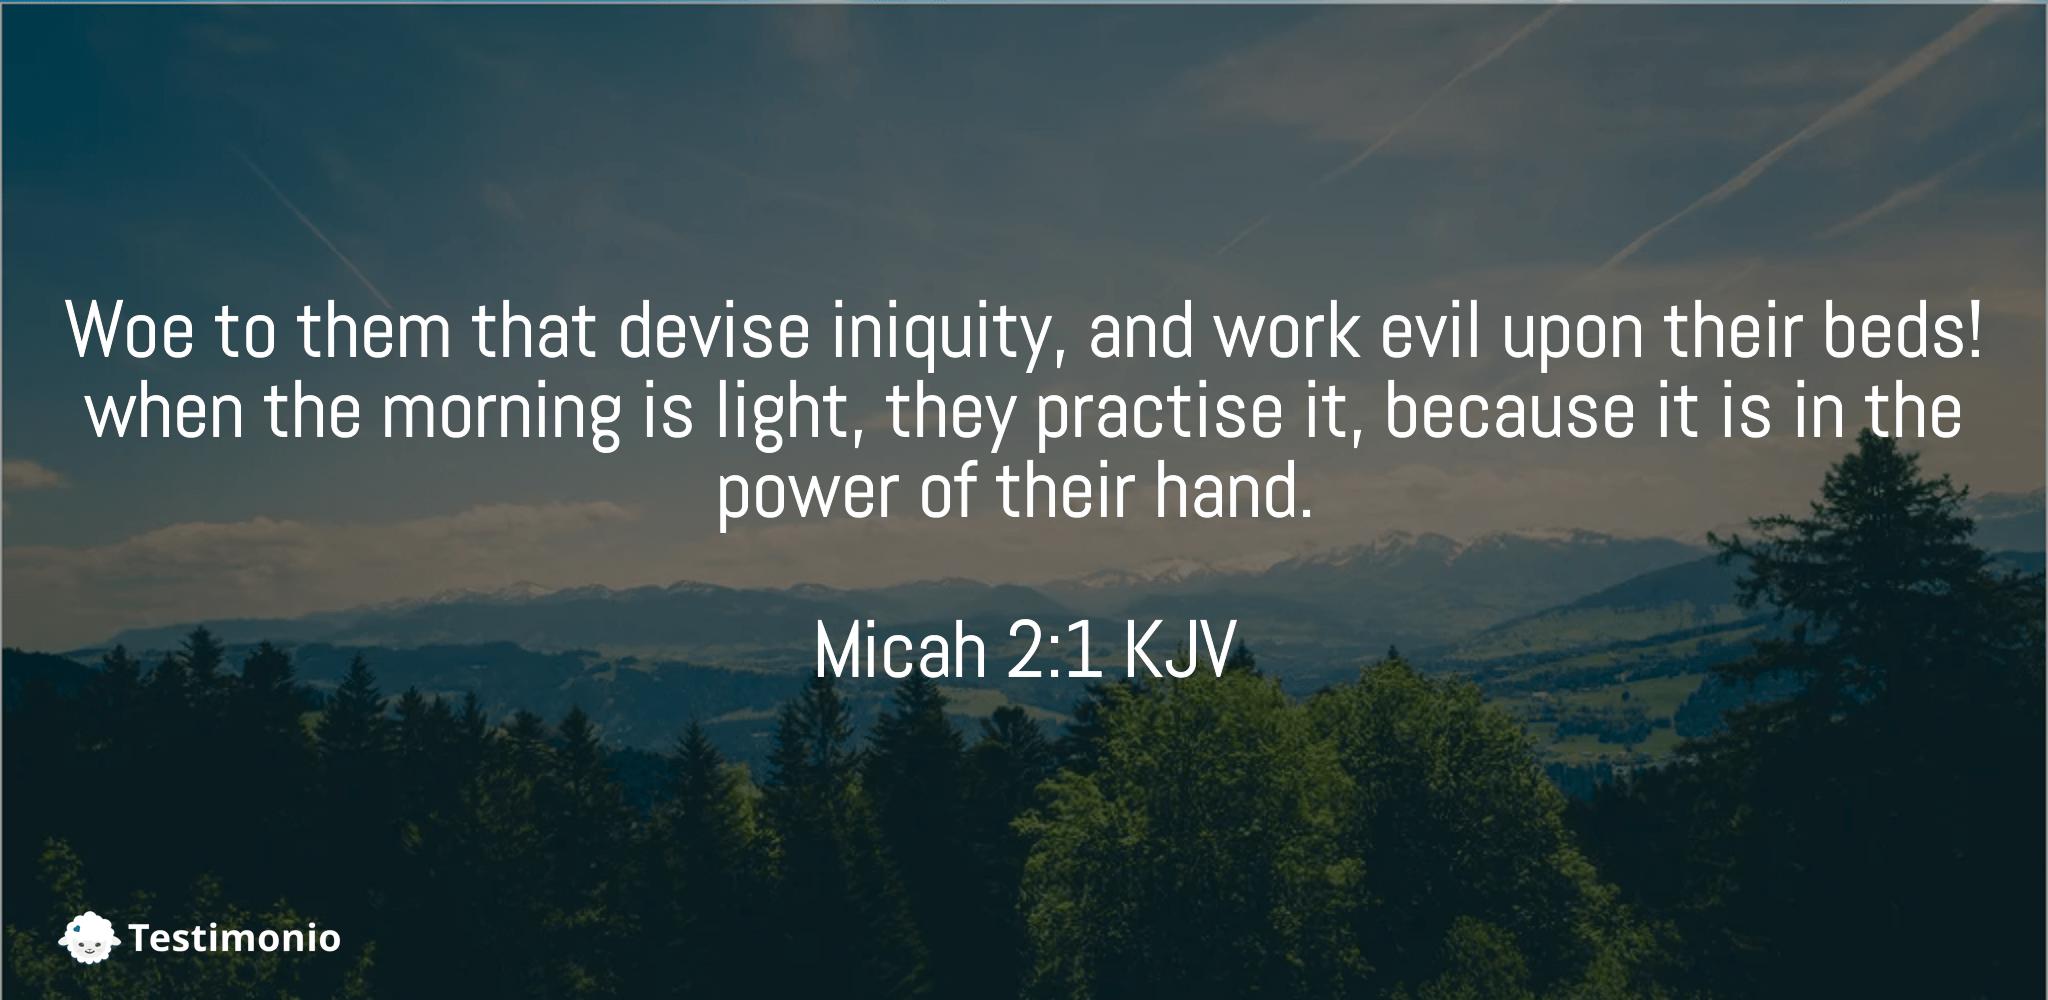 Micah 2:1